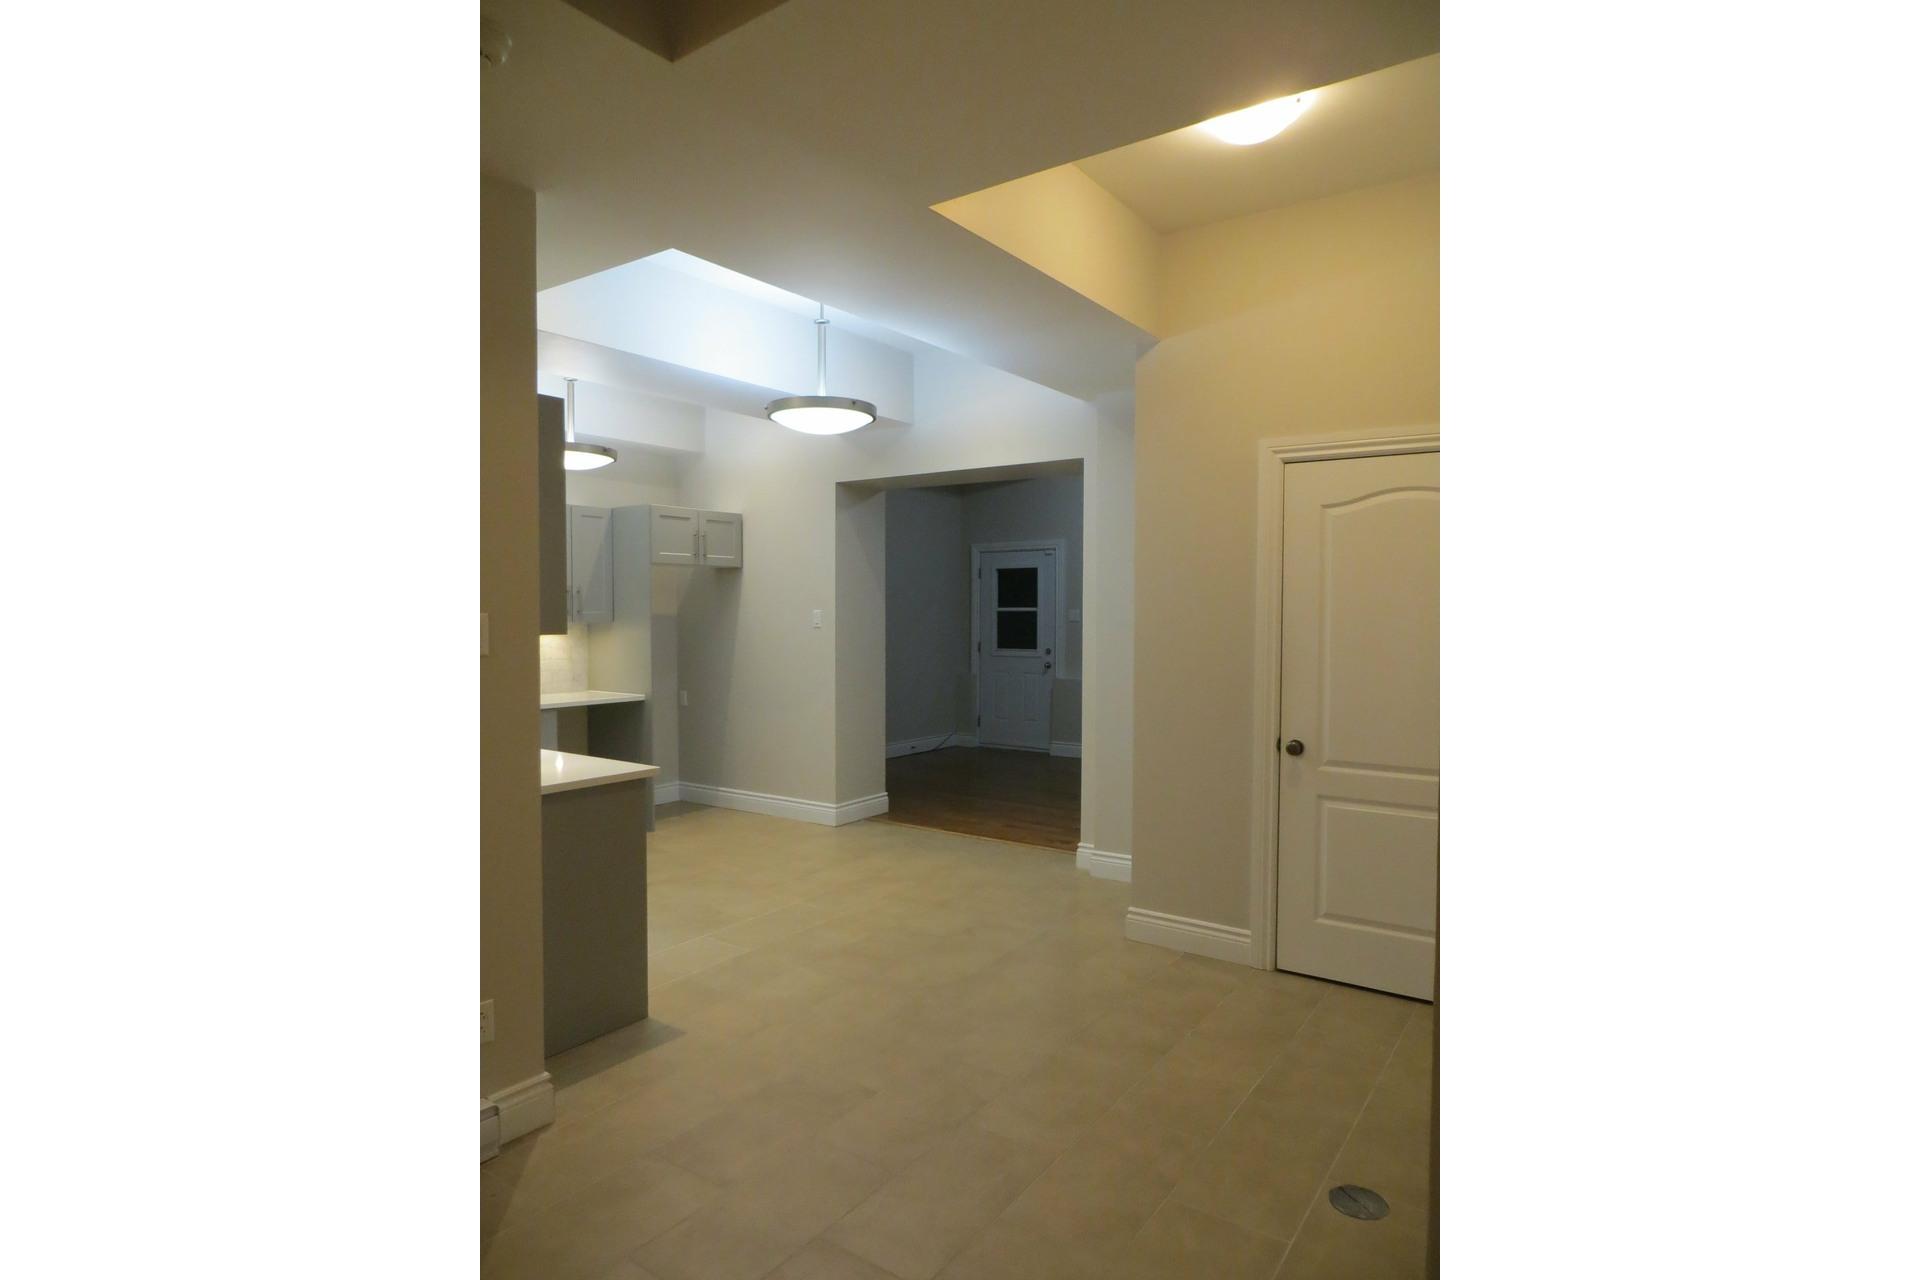 image 19 - Apartment For sale Côte-des-Neiges/Notre-Dame-de-Grâce Montréal  - 6 rooms